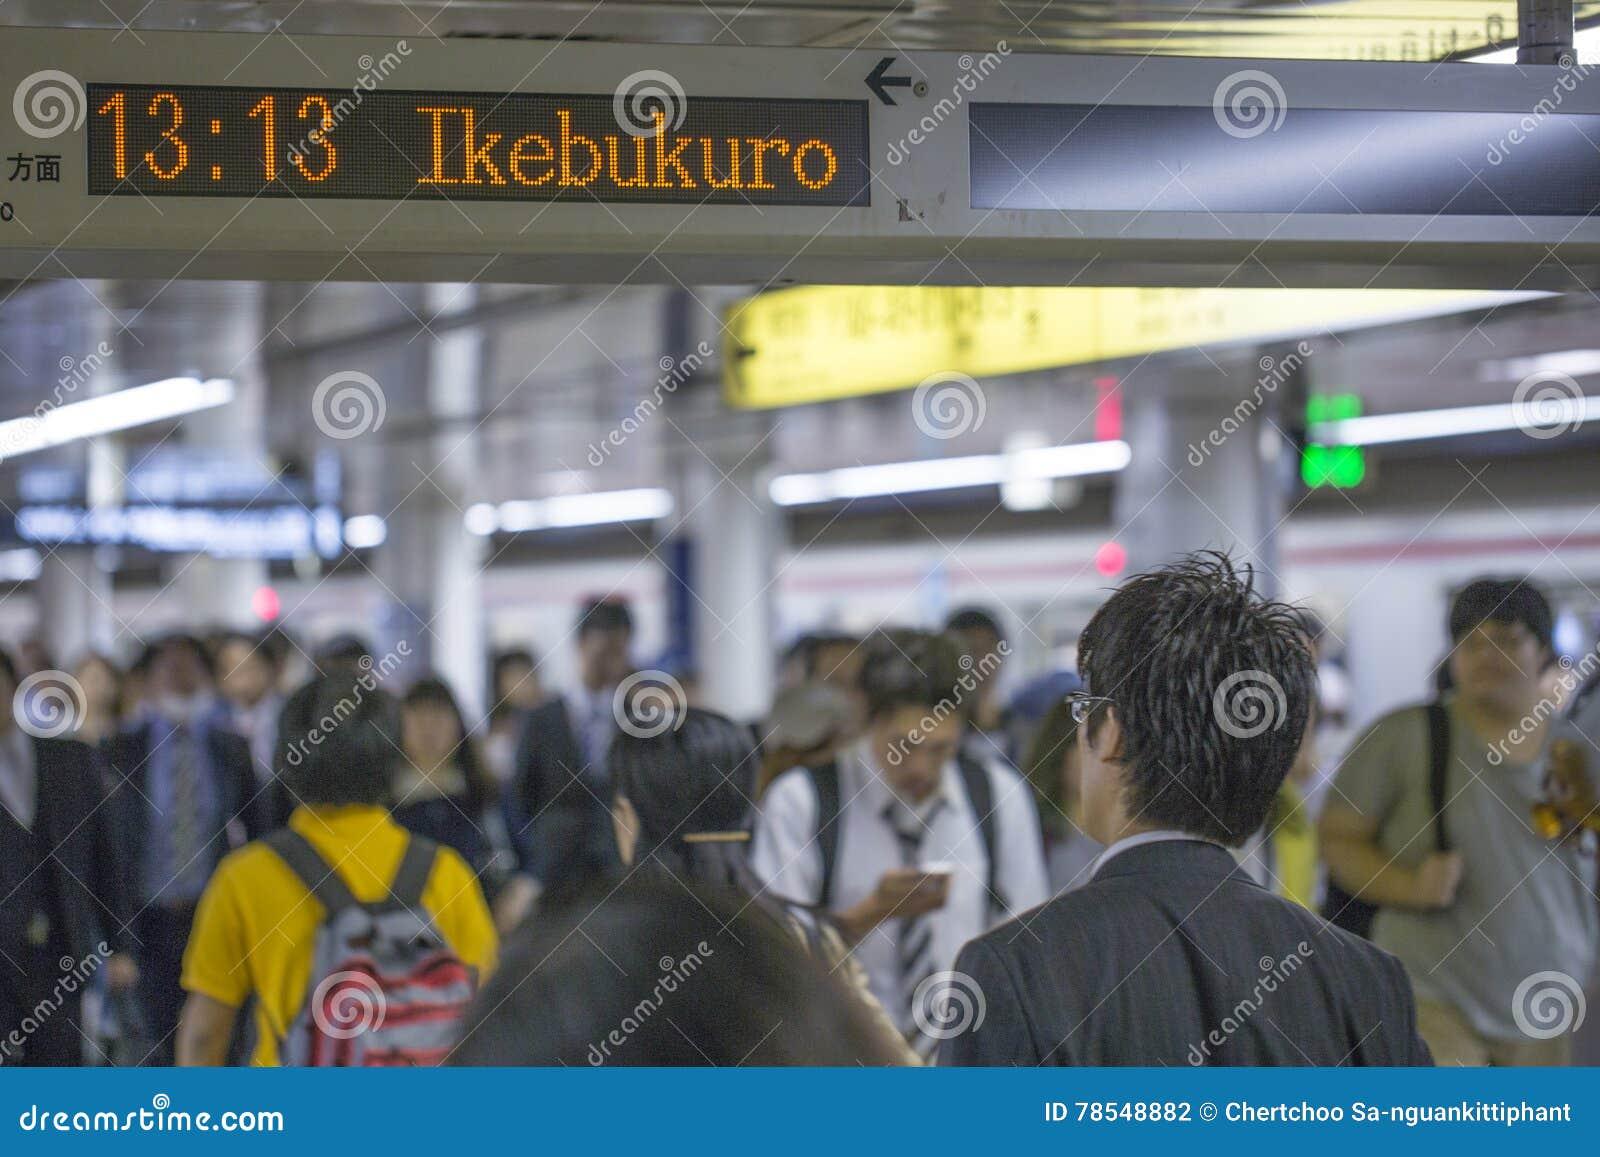 东京,日本- 2016年5月31日:东京地下铁地铁